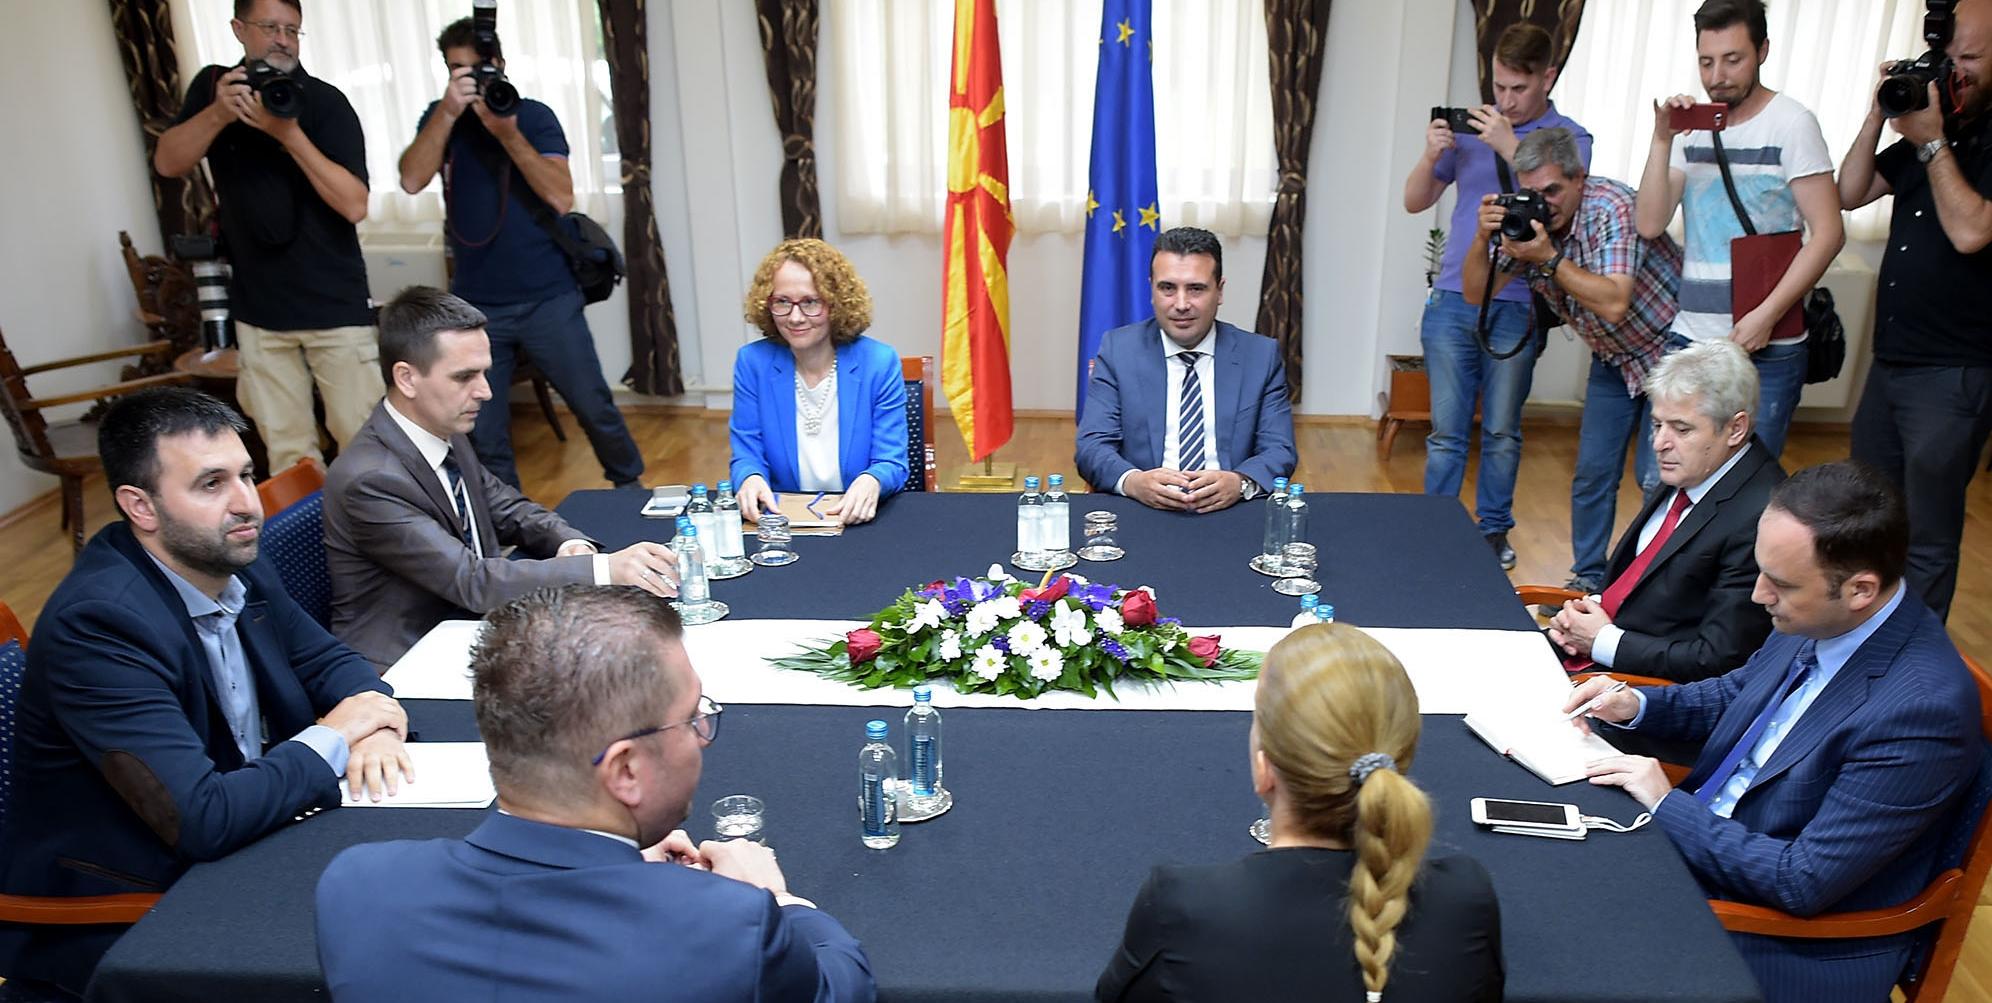 Përfundon pa marrëveshje takimi i liderëve rreth referendumit